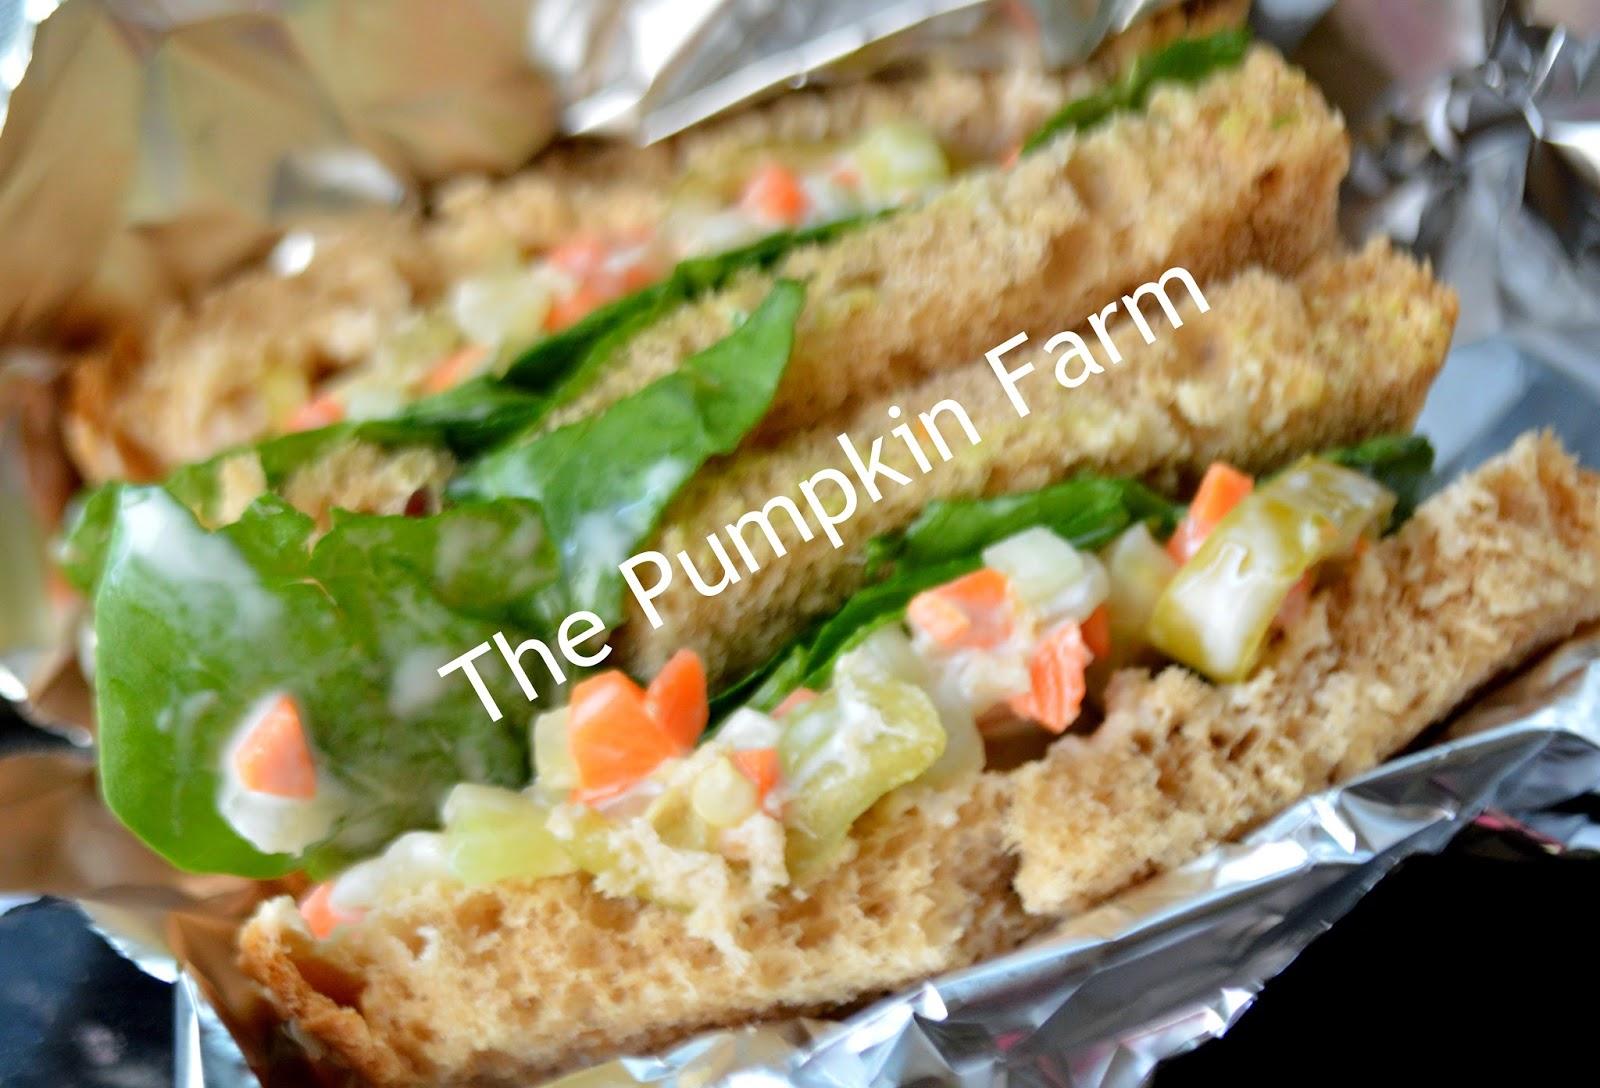 picnic sandwich/ crunchy mayo salad sandwich